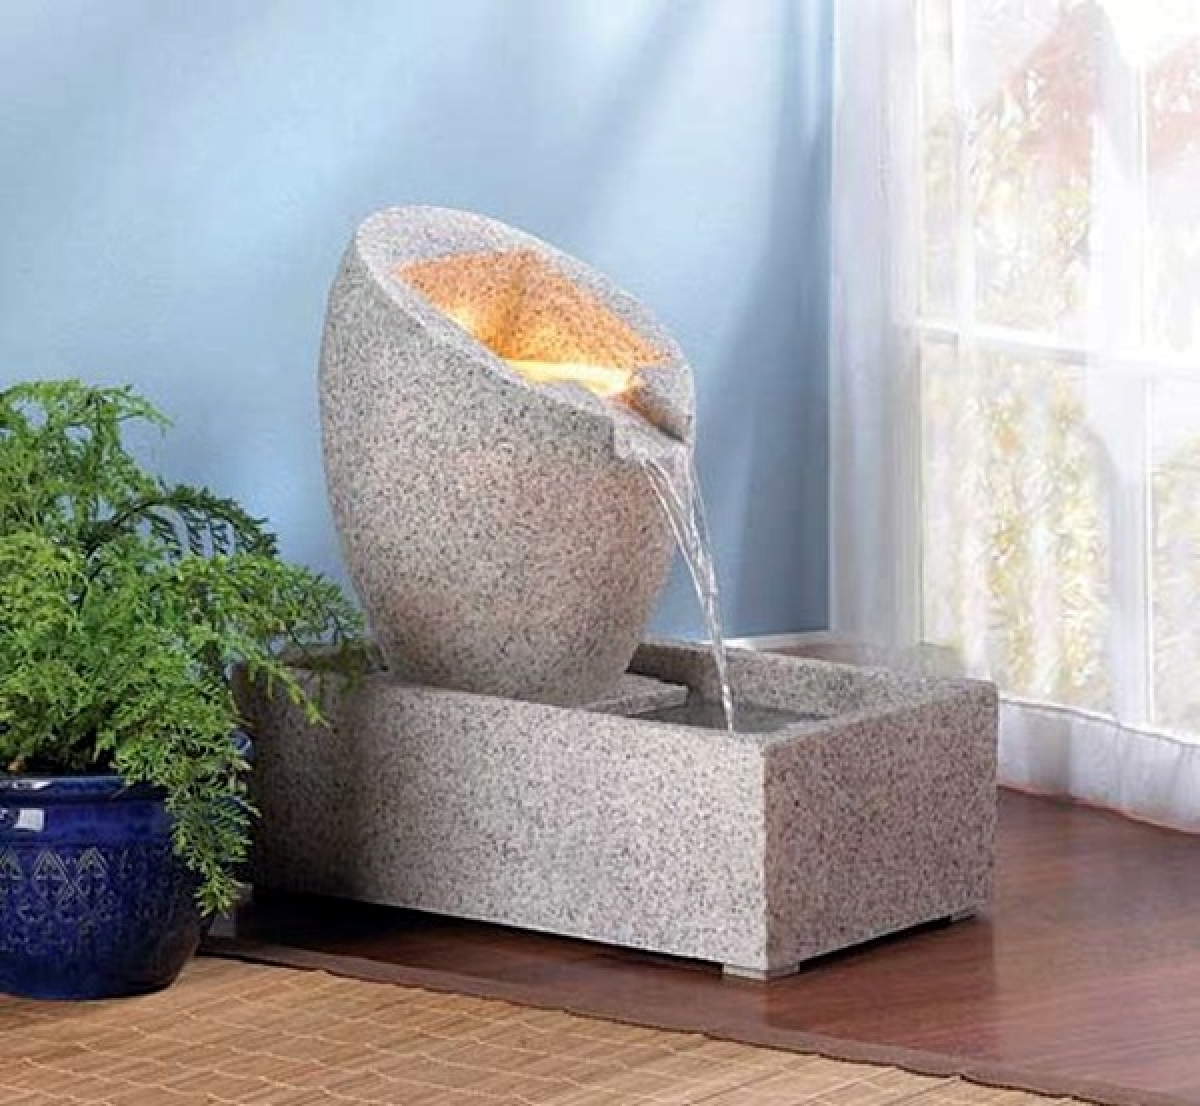 Đá được gọt đẽo tỉ mỉ thành đường cong để tạo thành đài phun nước xinh xắn.